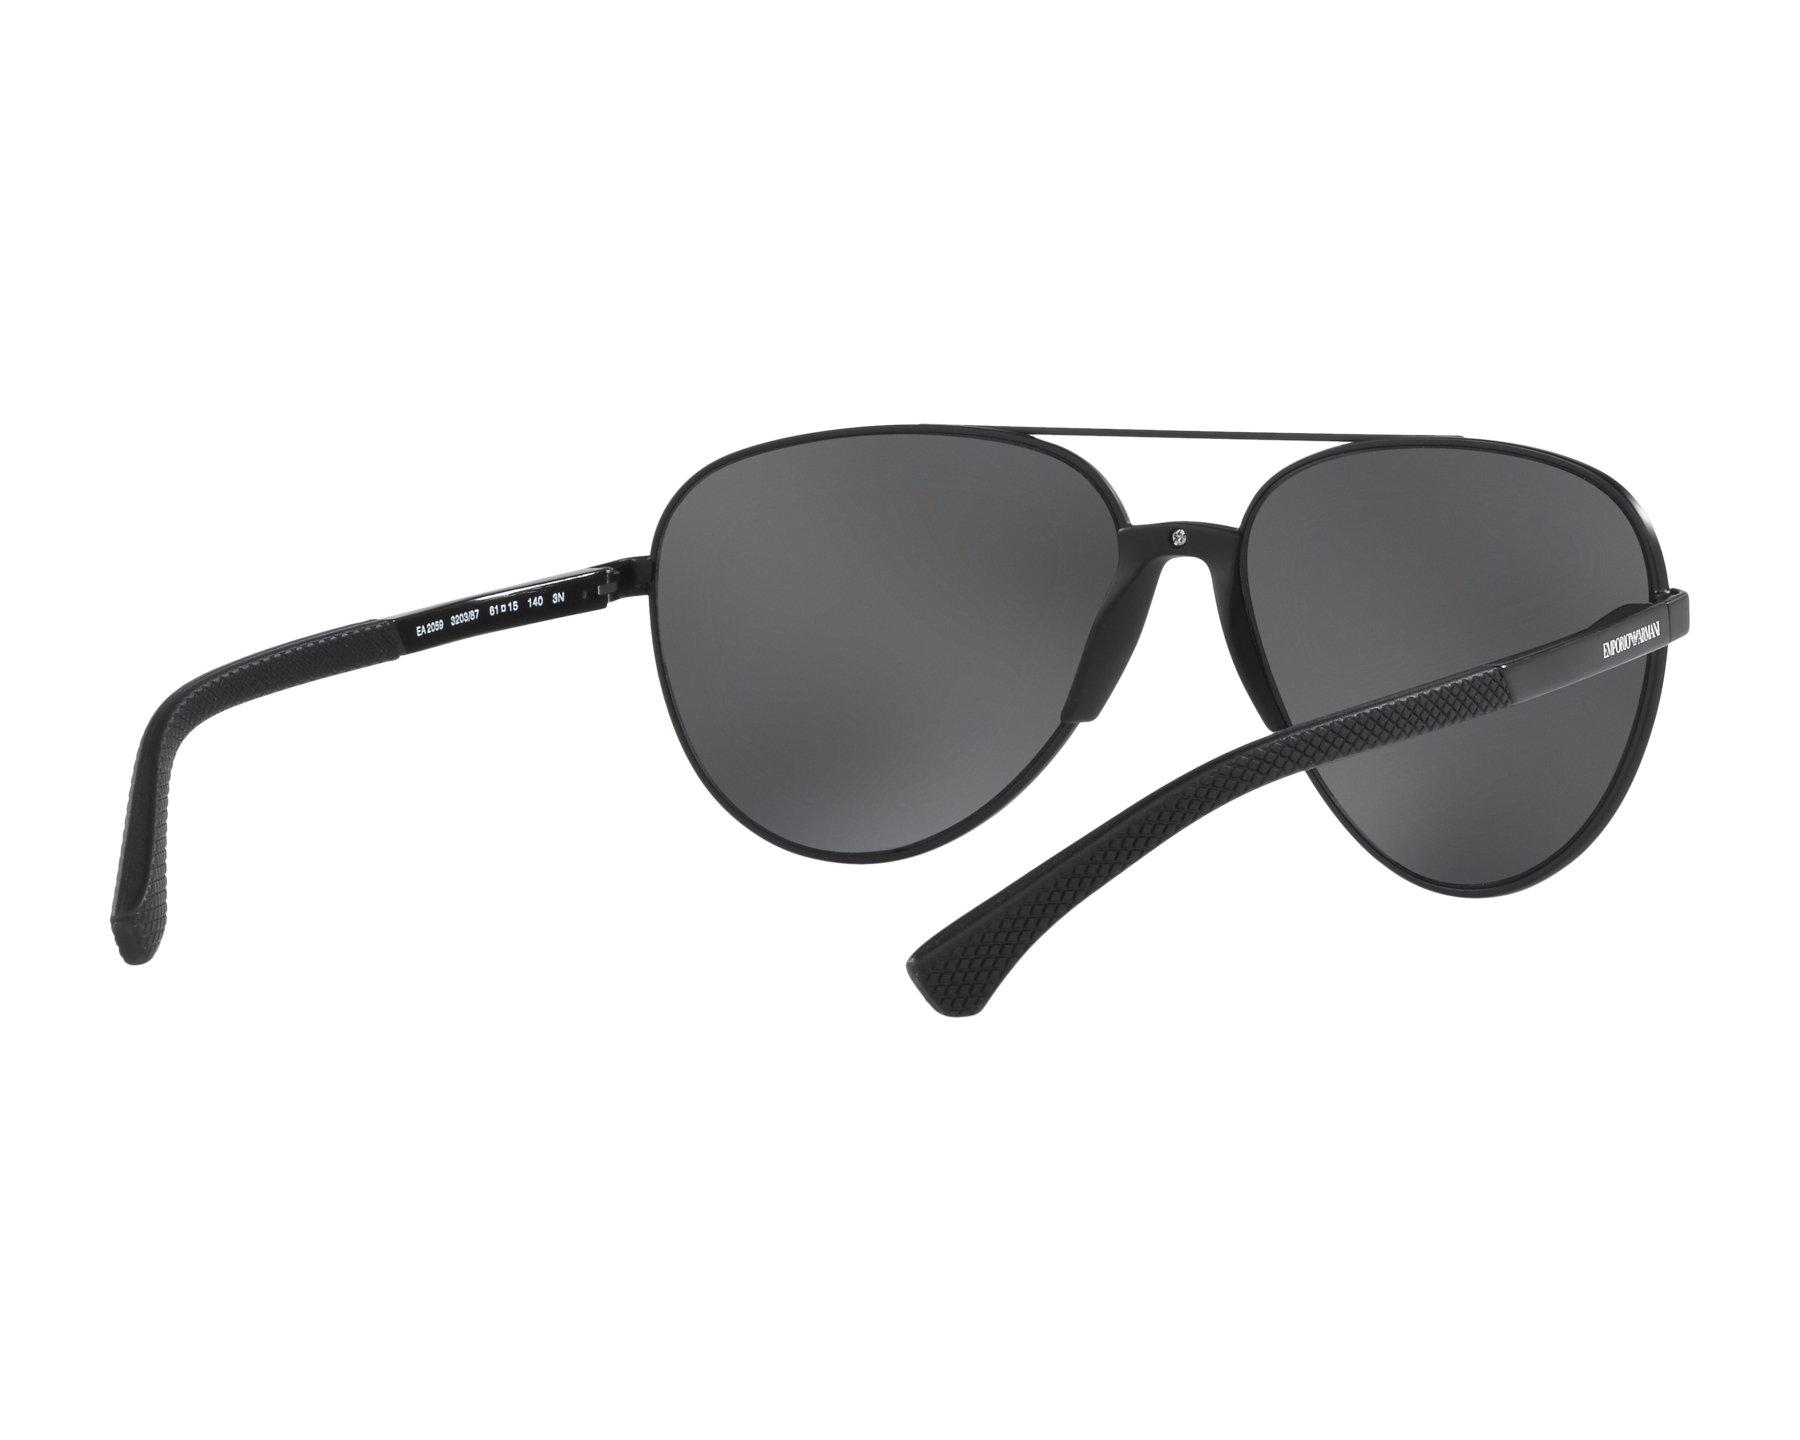 f63eb709b7ce Sunglasses Emporio Armani EA-2059 320387 61-15 Black 360 degree view 8